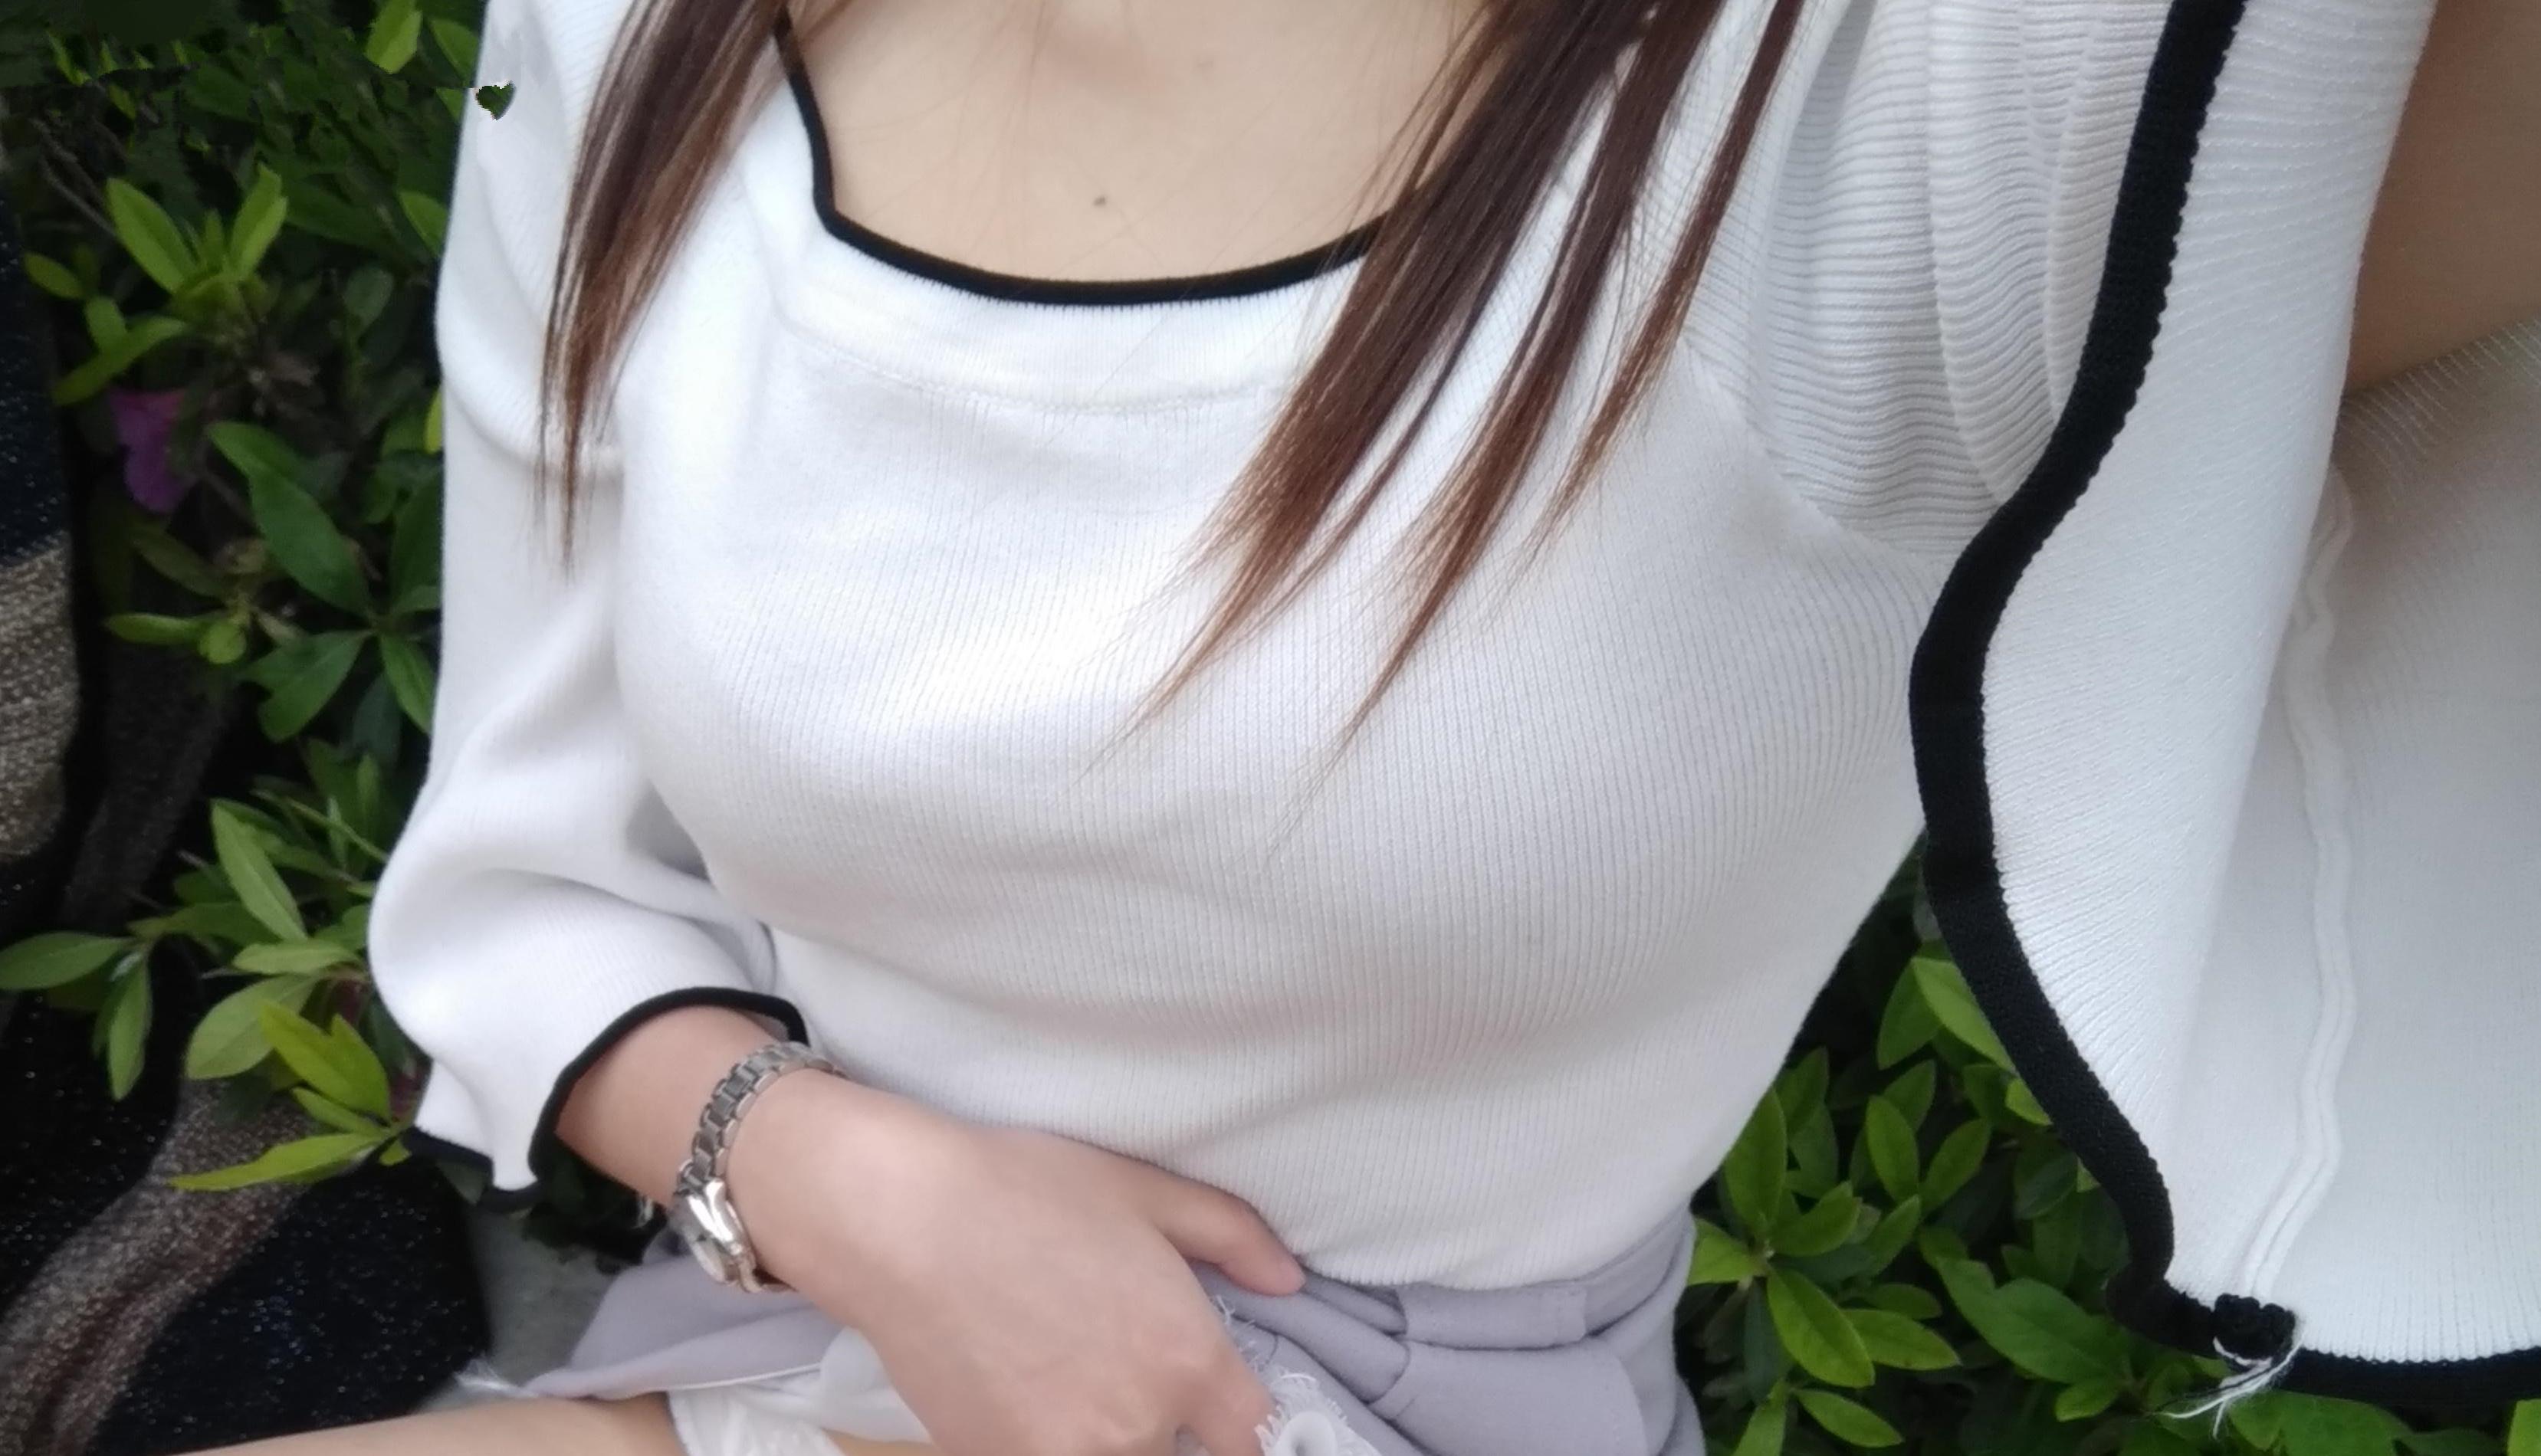 网红御姐-苏苏小公主酱(24套大小尺度视图合集)【多图多v1.25G】